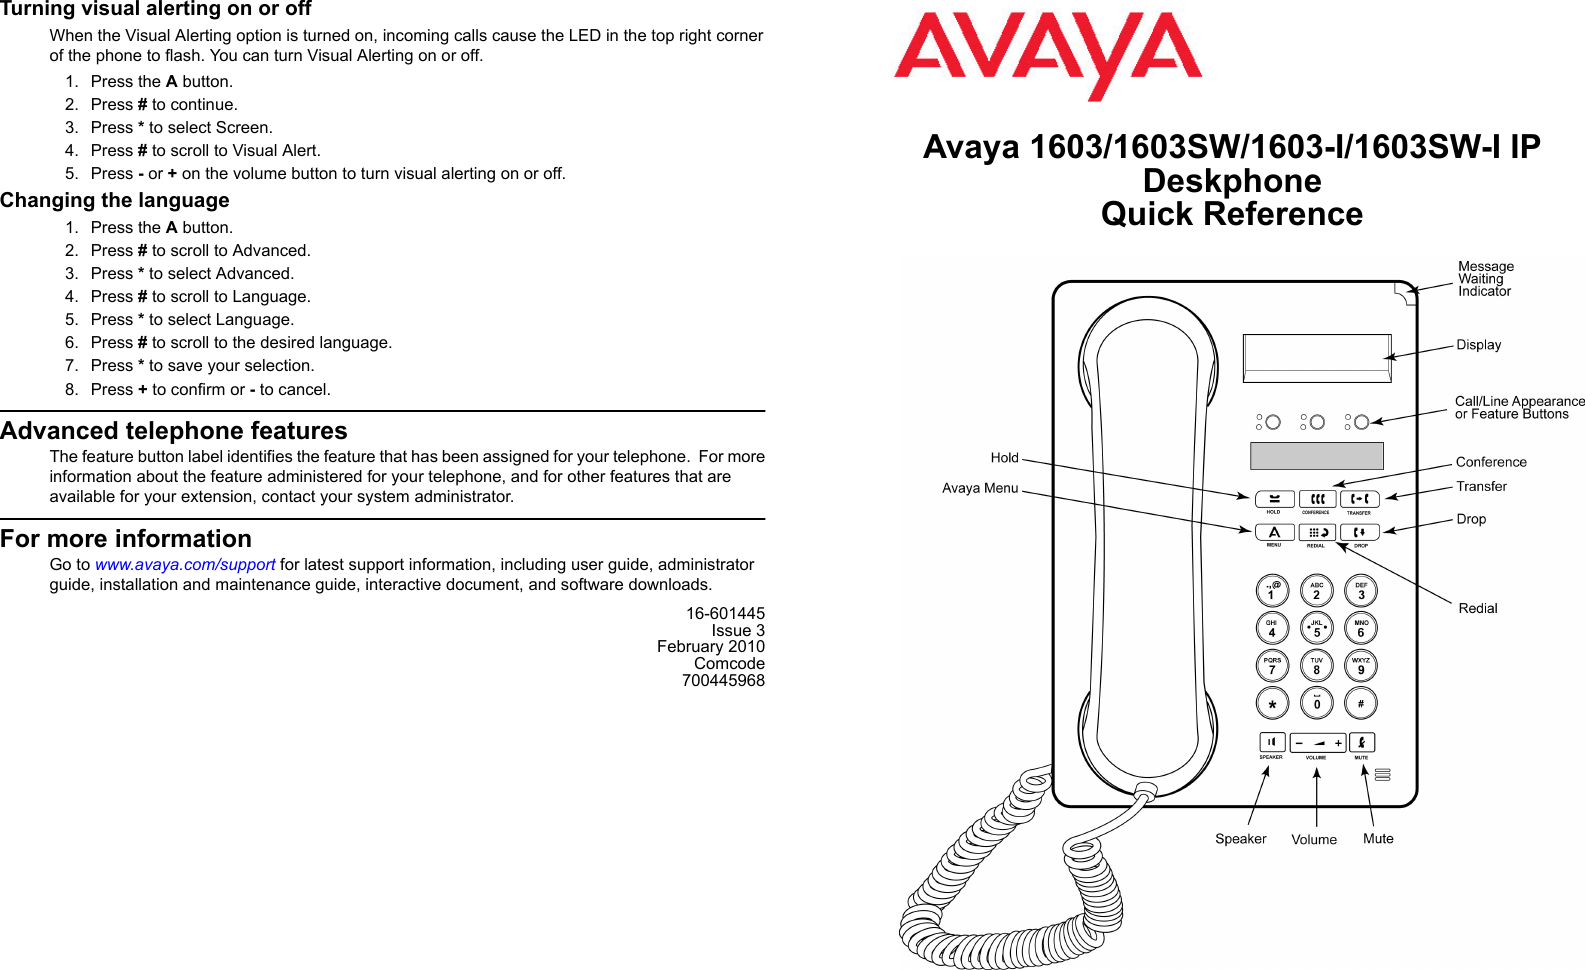 Avaya 1603sw i инструкция